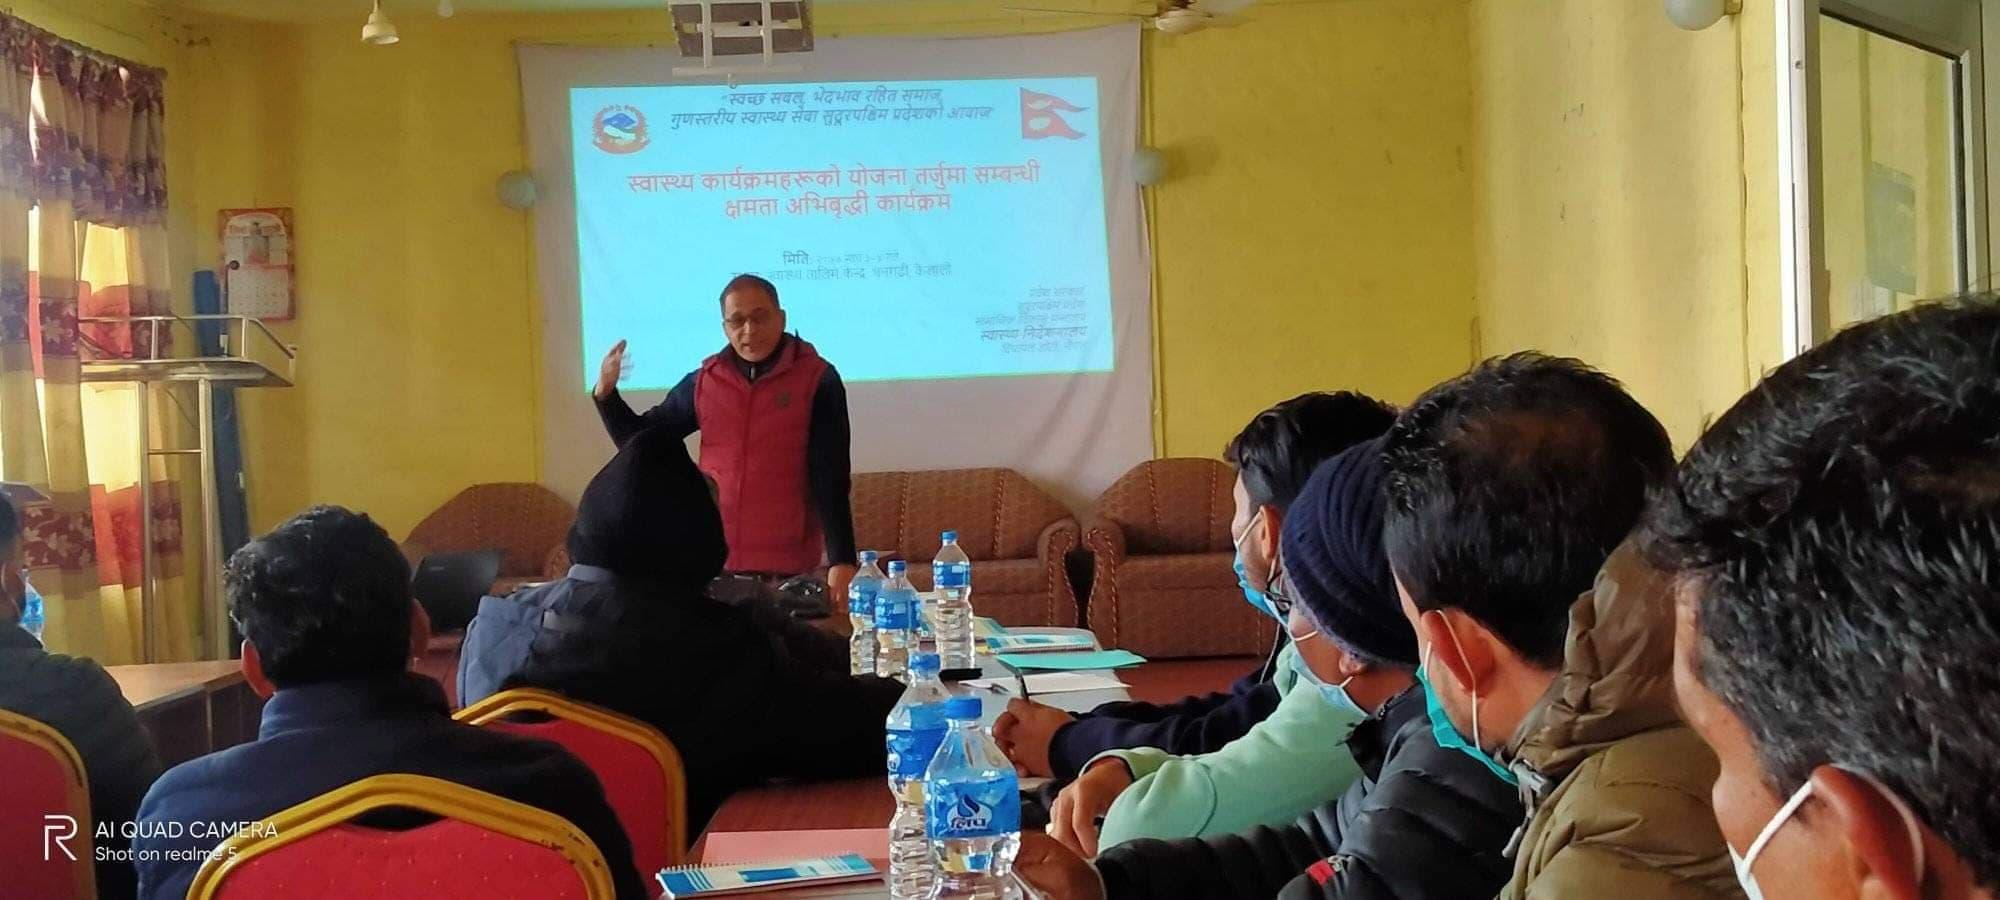 स्वास्थ्य निर्देशनालय राजपुर डोटीका निर्देशक डा. गुणराज अवस्थी